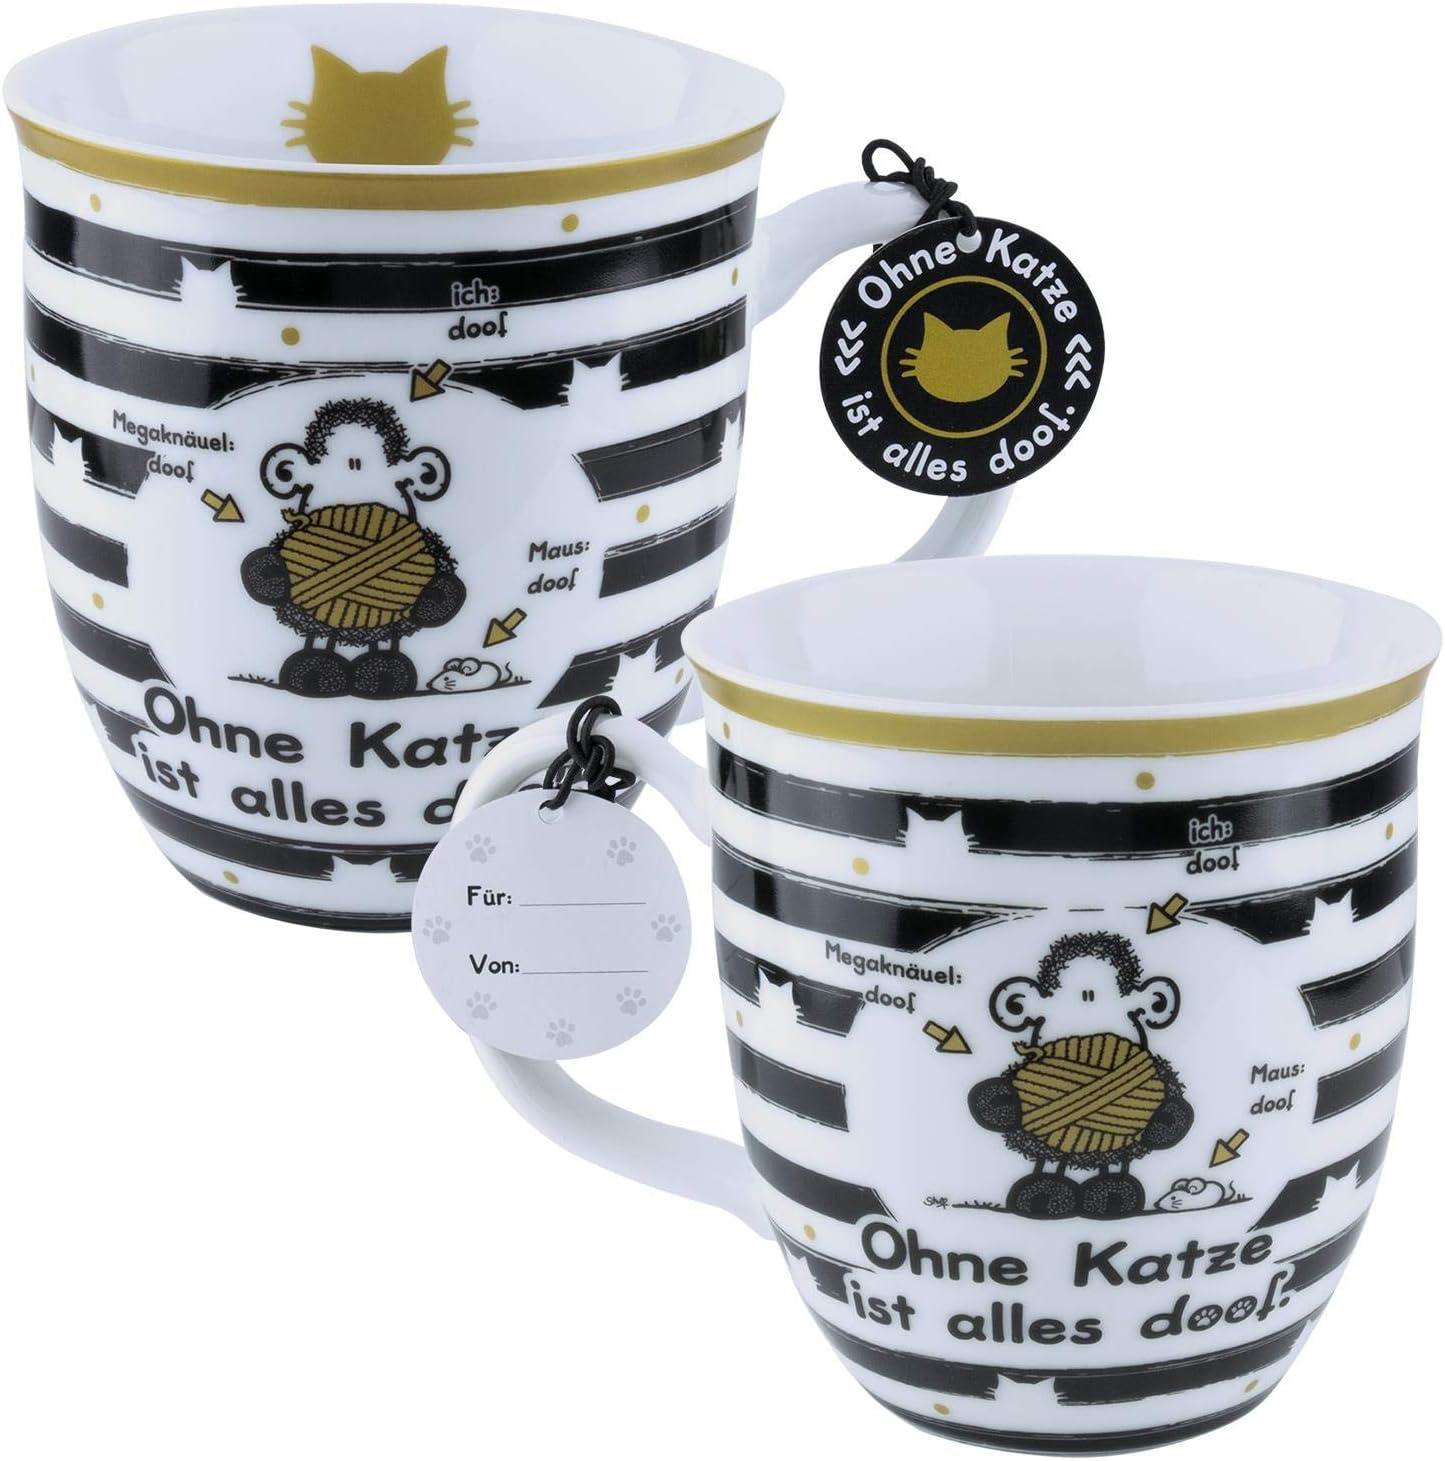 Porzellan mit Geschenk-Anh/änger Die Geschenkewelt Sheepworld 45990 Tasse Ohne Katze ist Alles Doof